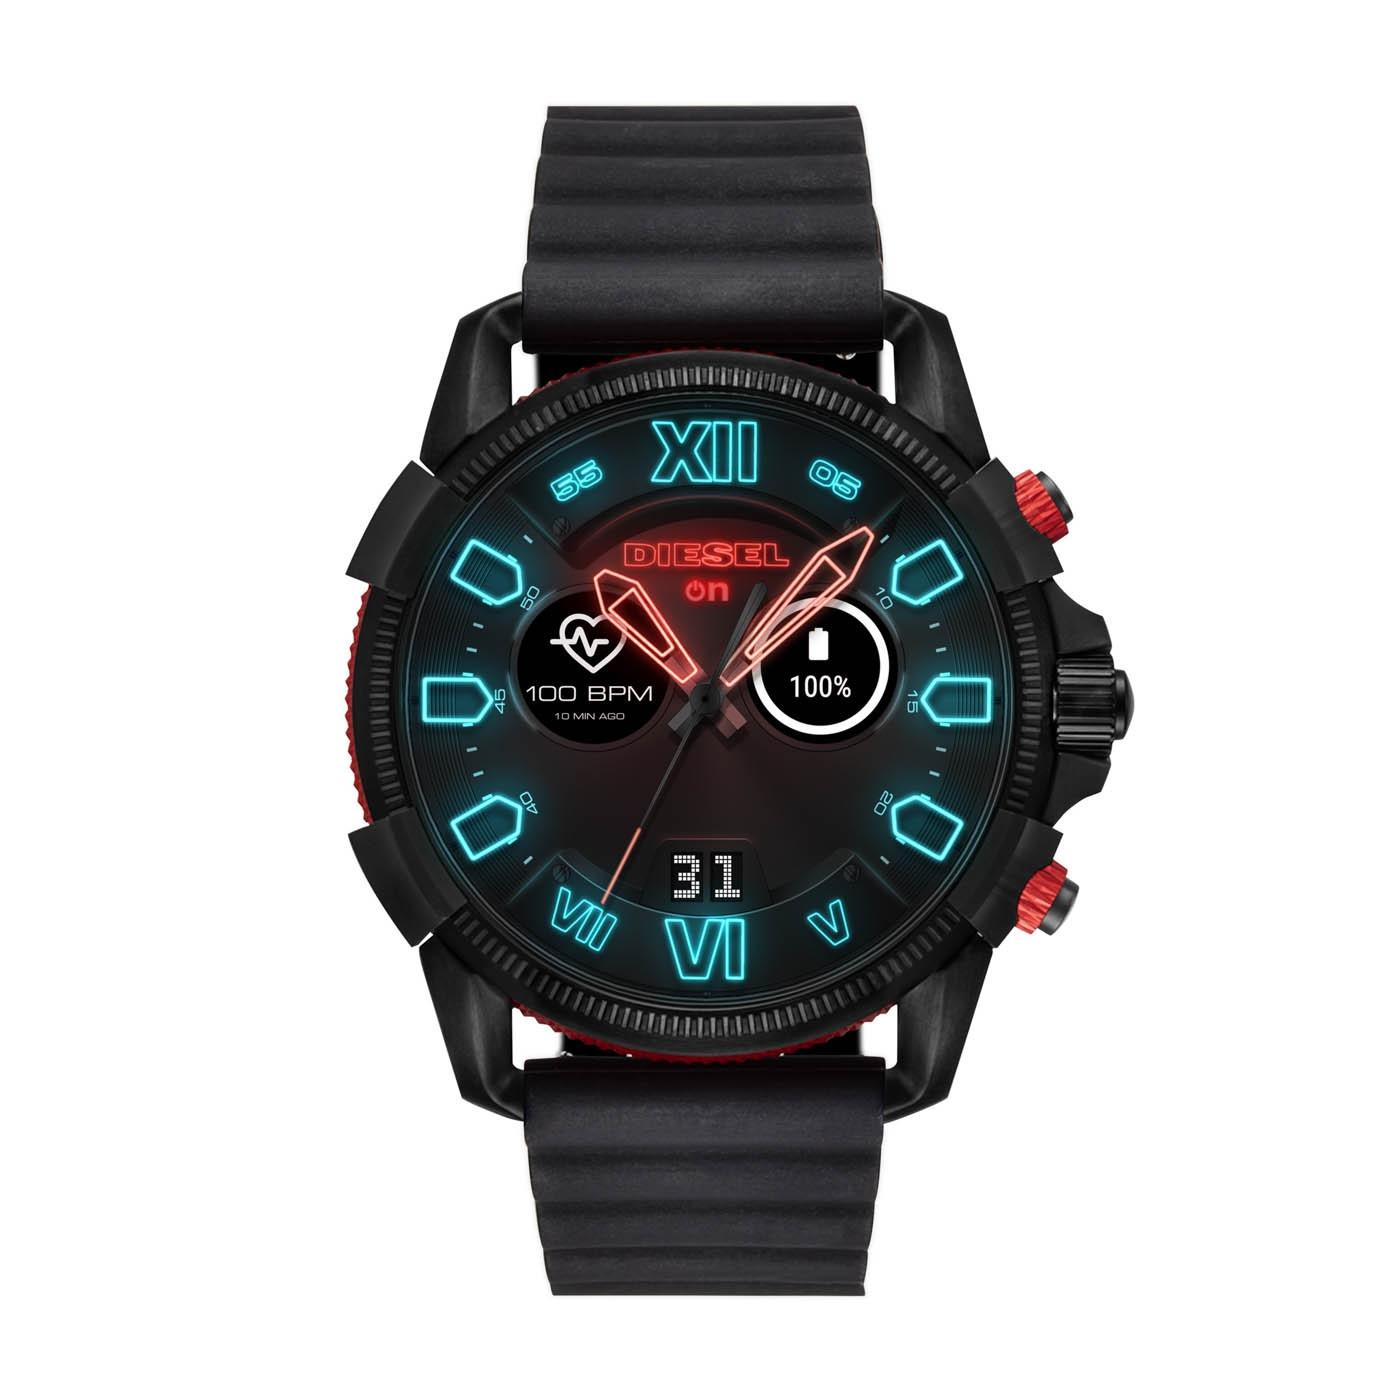 c8f4536cf Diesel On Full Guard 2.5 Gen 4 Display Smartwatch DZT2010 - Hodinky